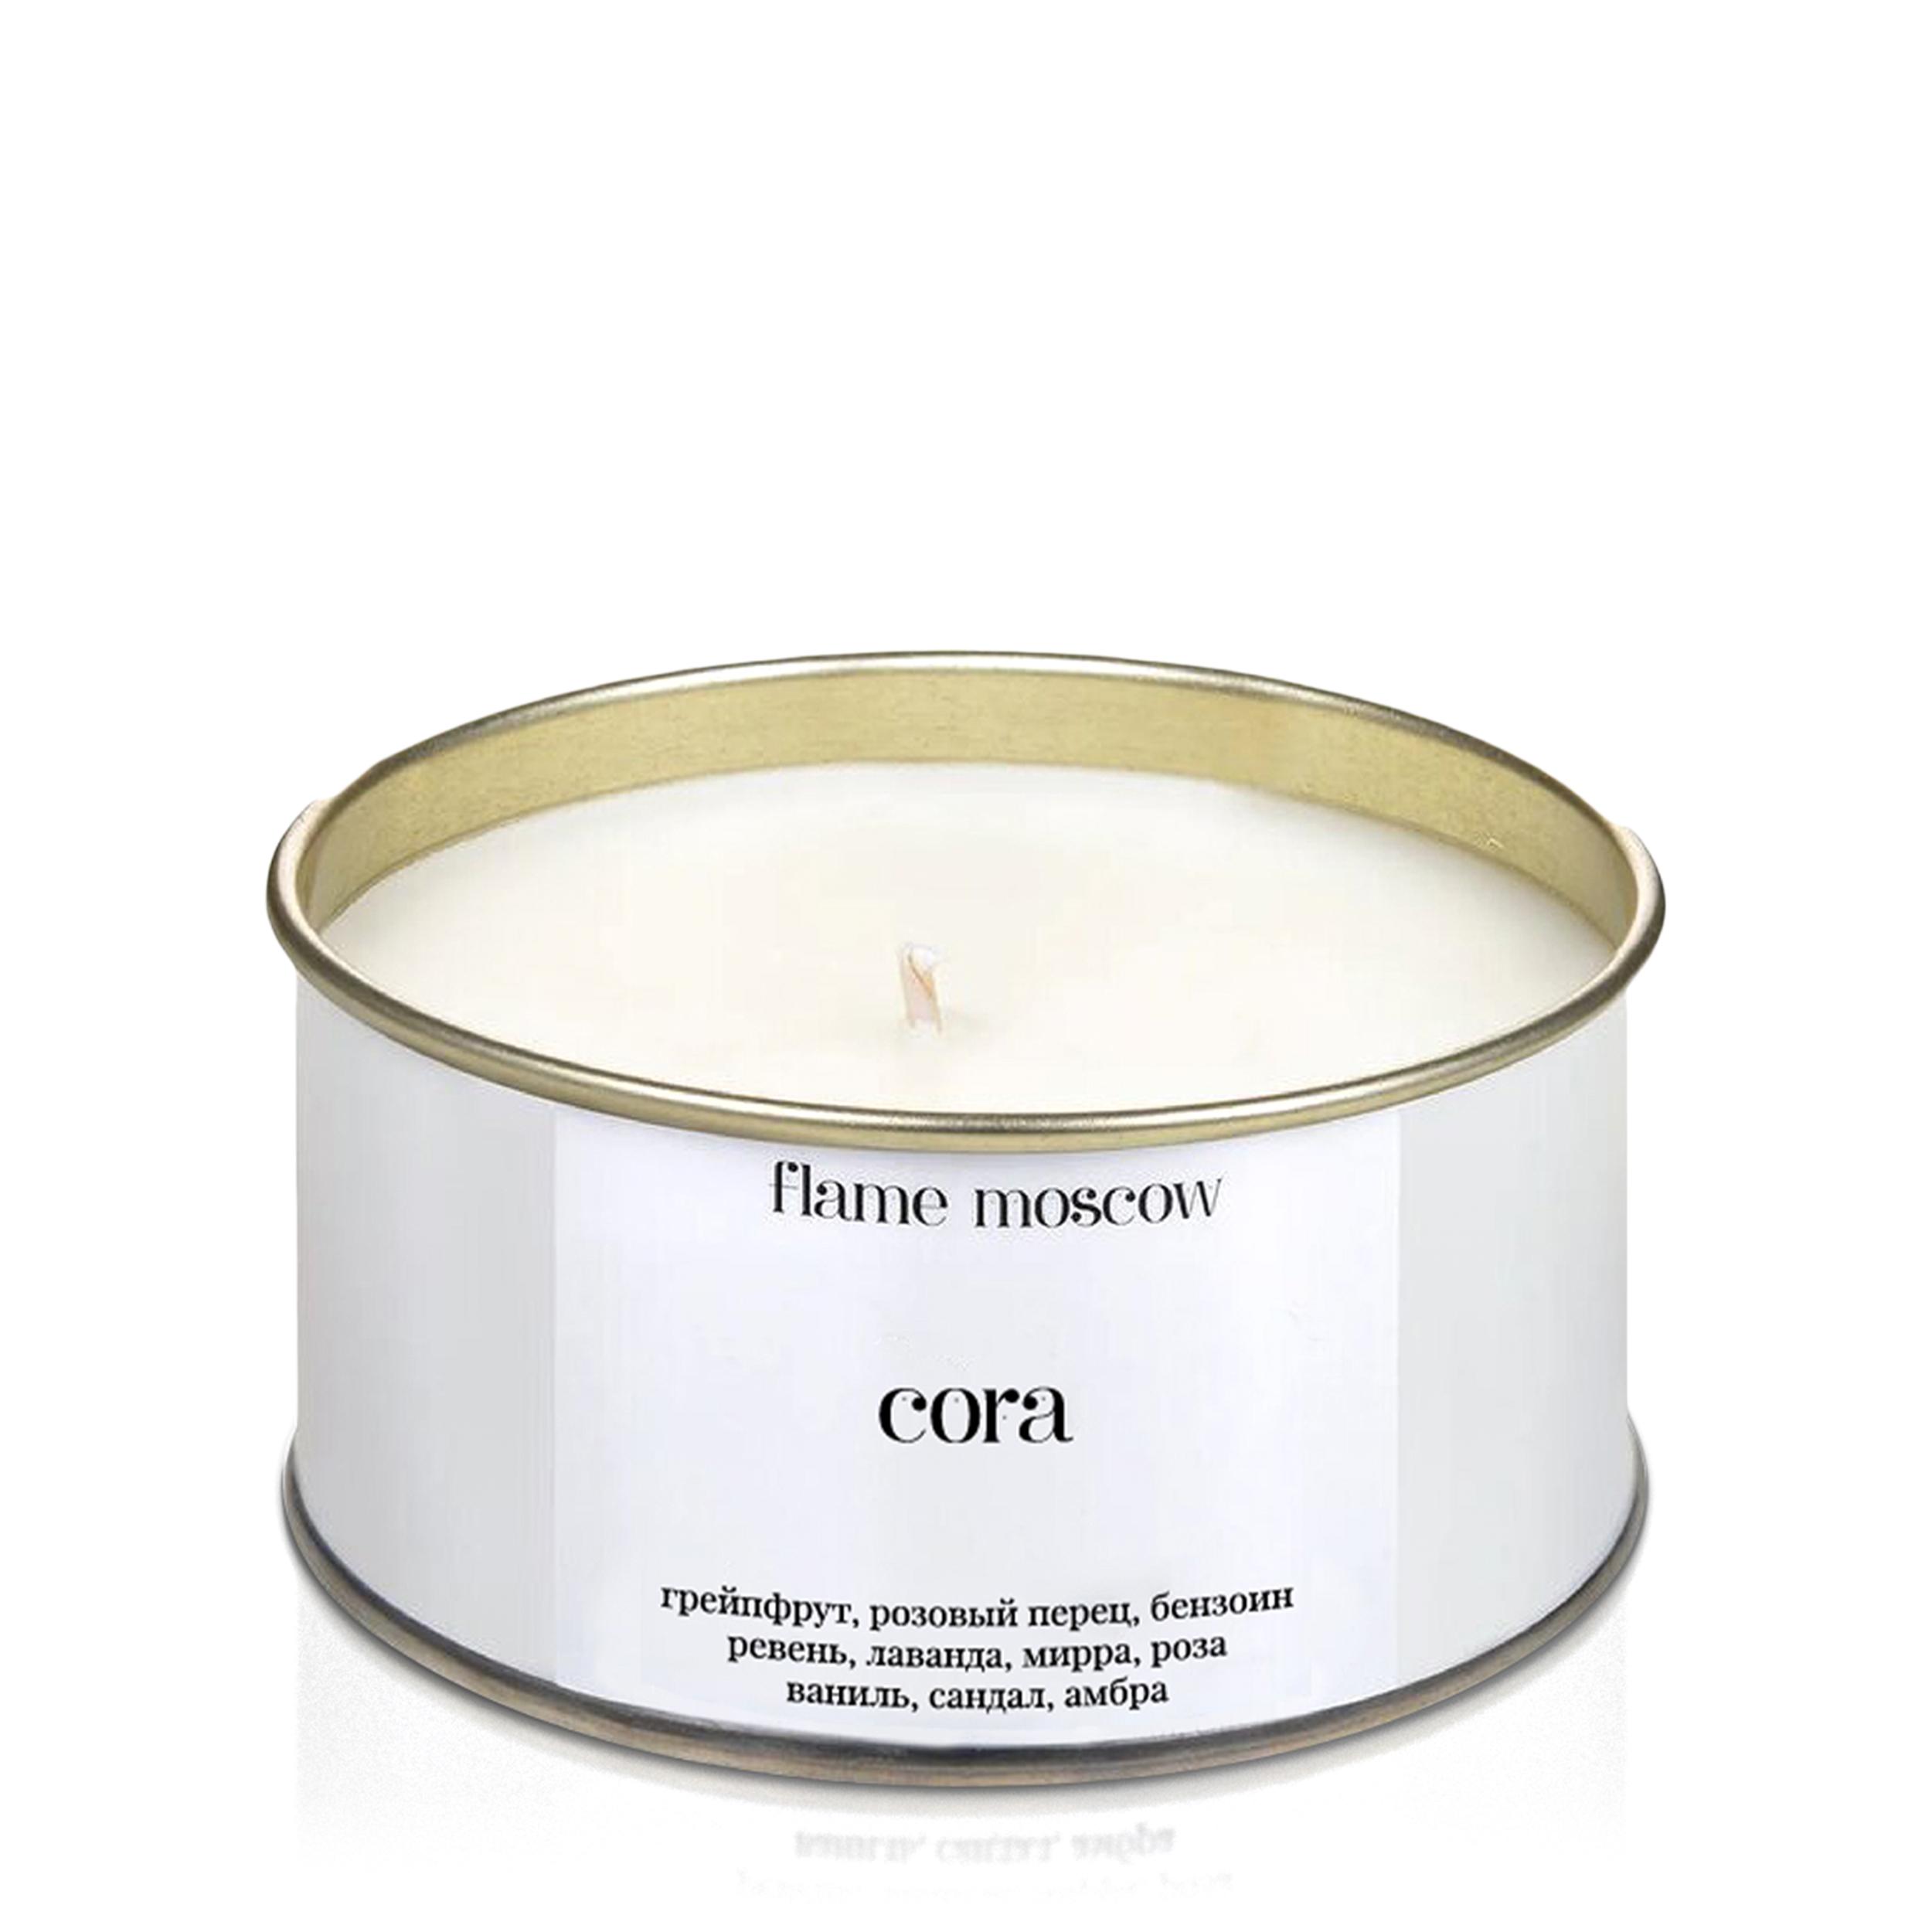 Купить Flame Moscow Ароматическая свеча в металле «Cora»